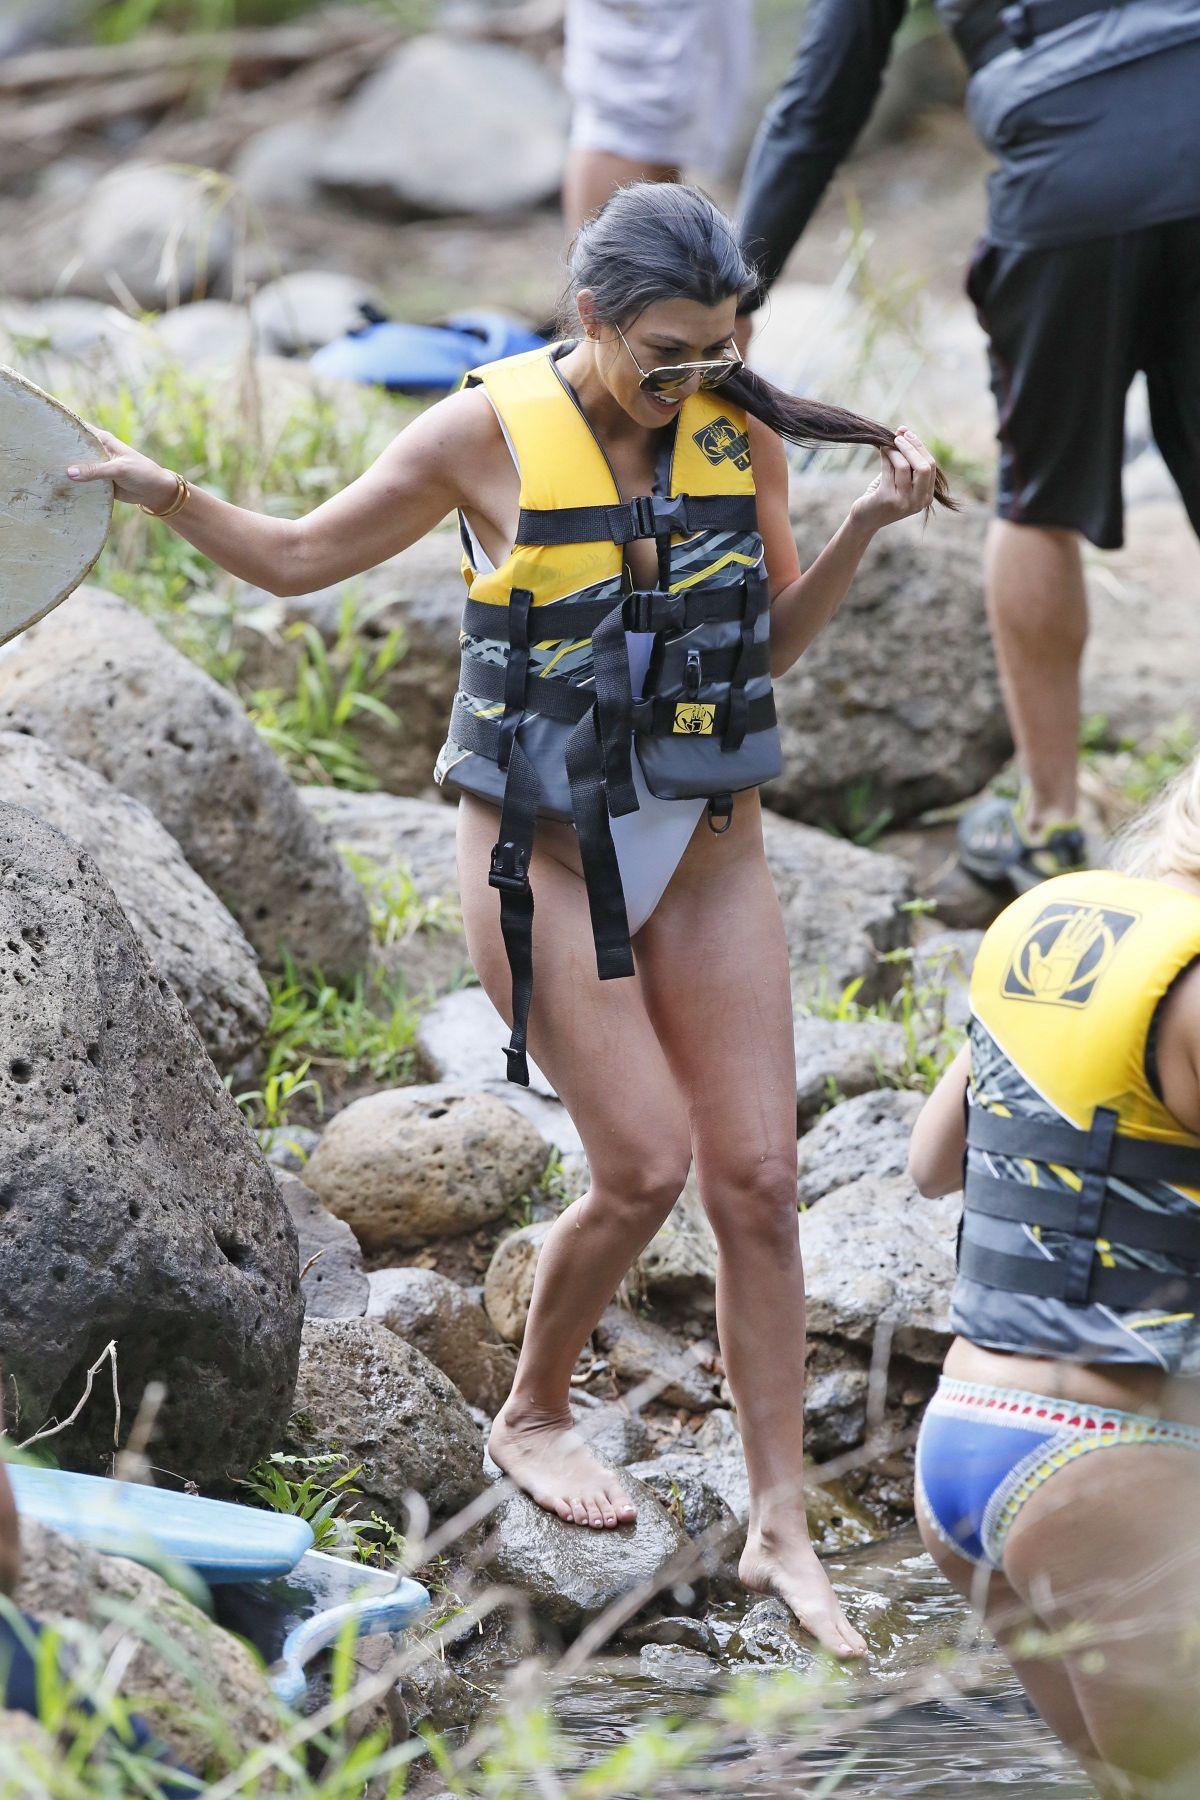 KOURTNEY KARDASHIAN in Swimsuit on Vacation in Hawaii 04/02/2017